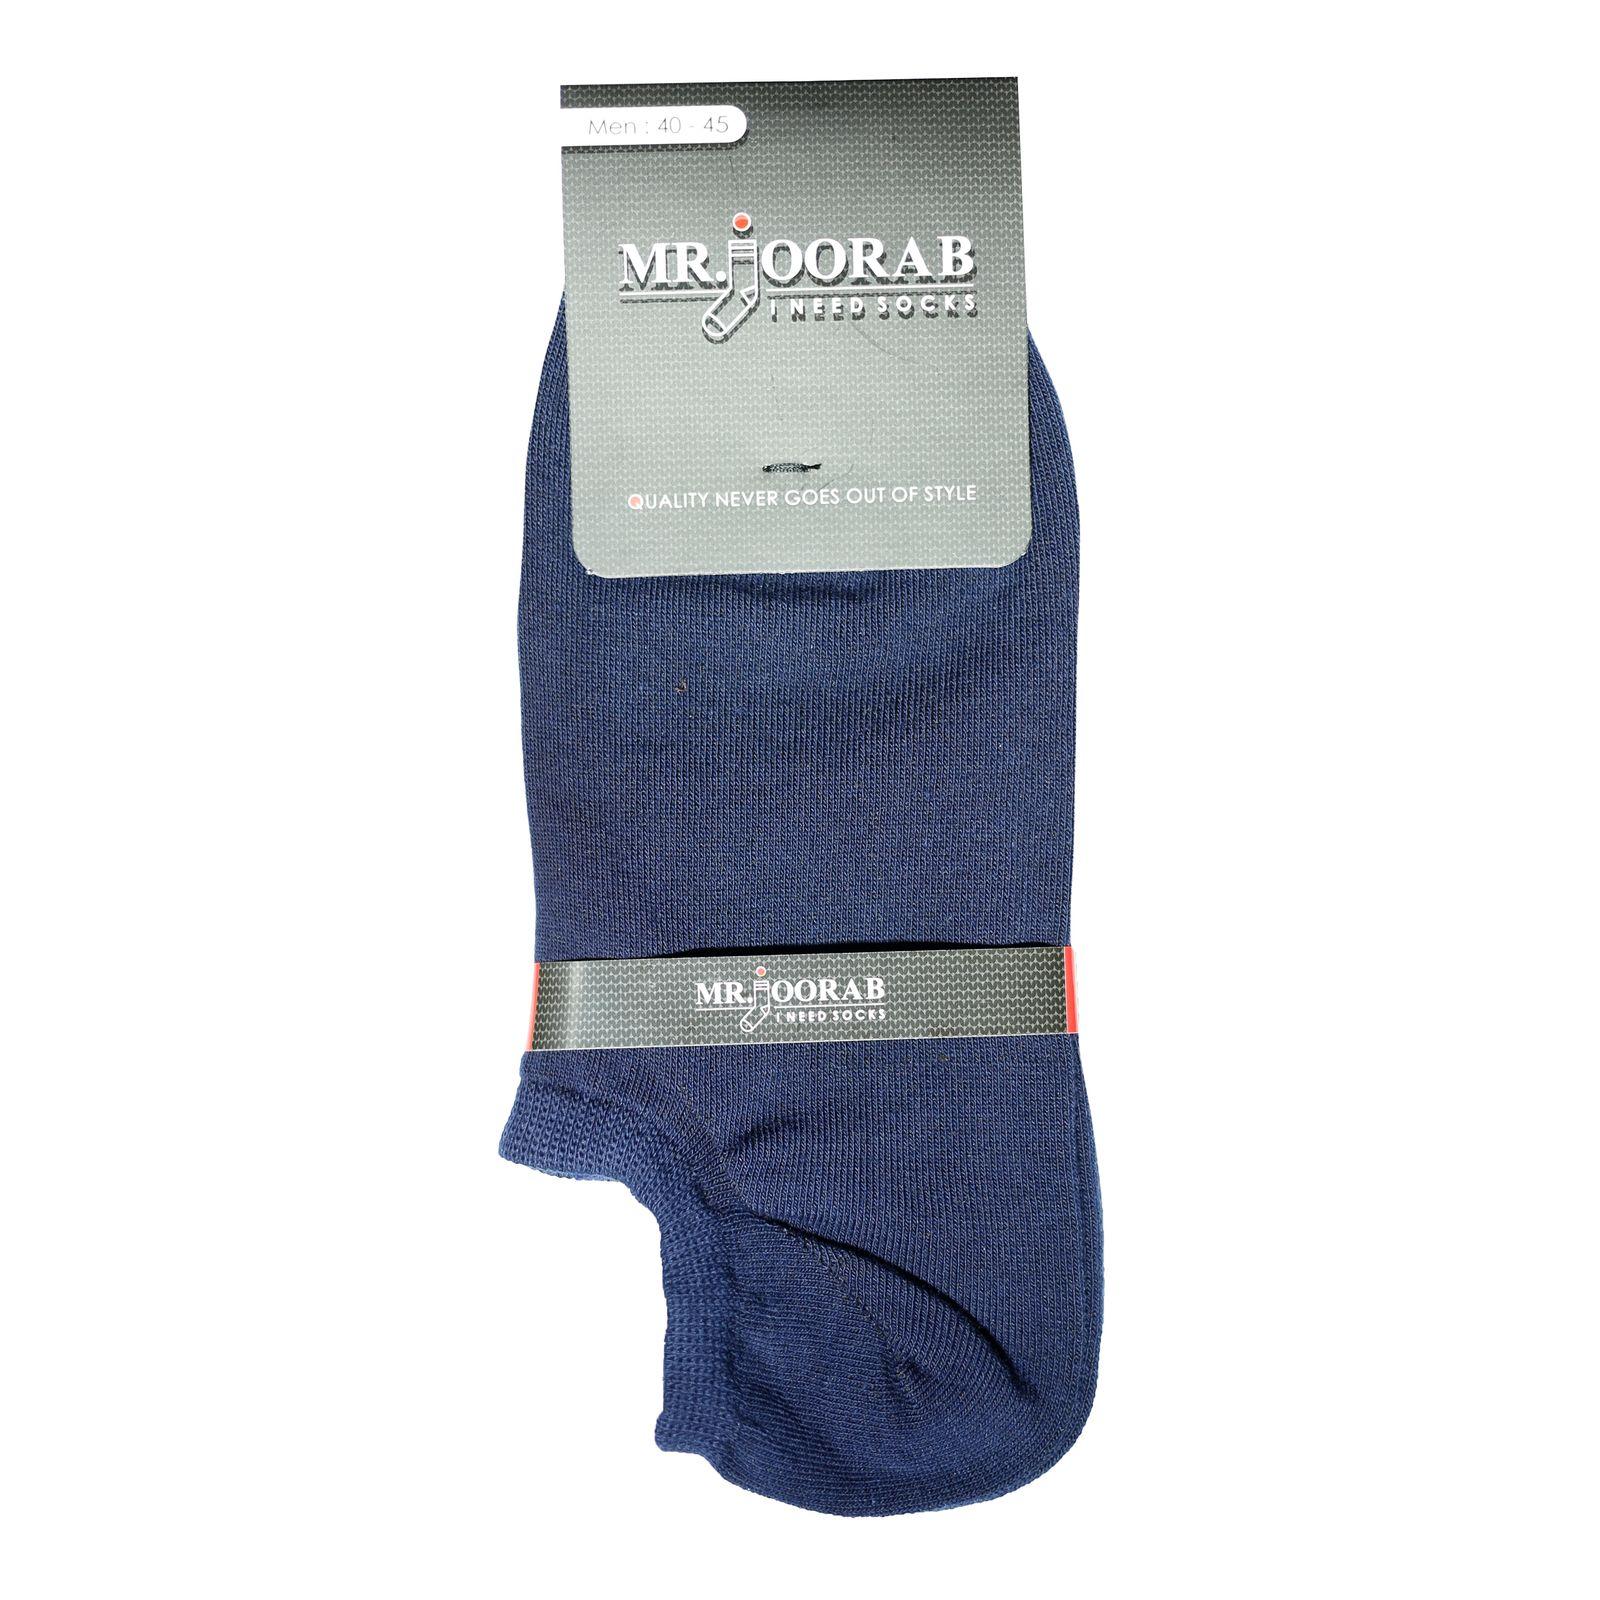 جوراب مردانه مستر جوراب کد BL-MRM 114 مجموعه 6 عددی -  - 5